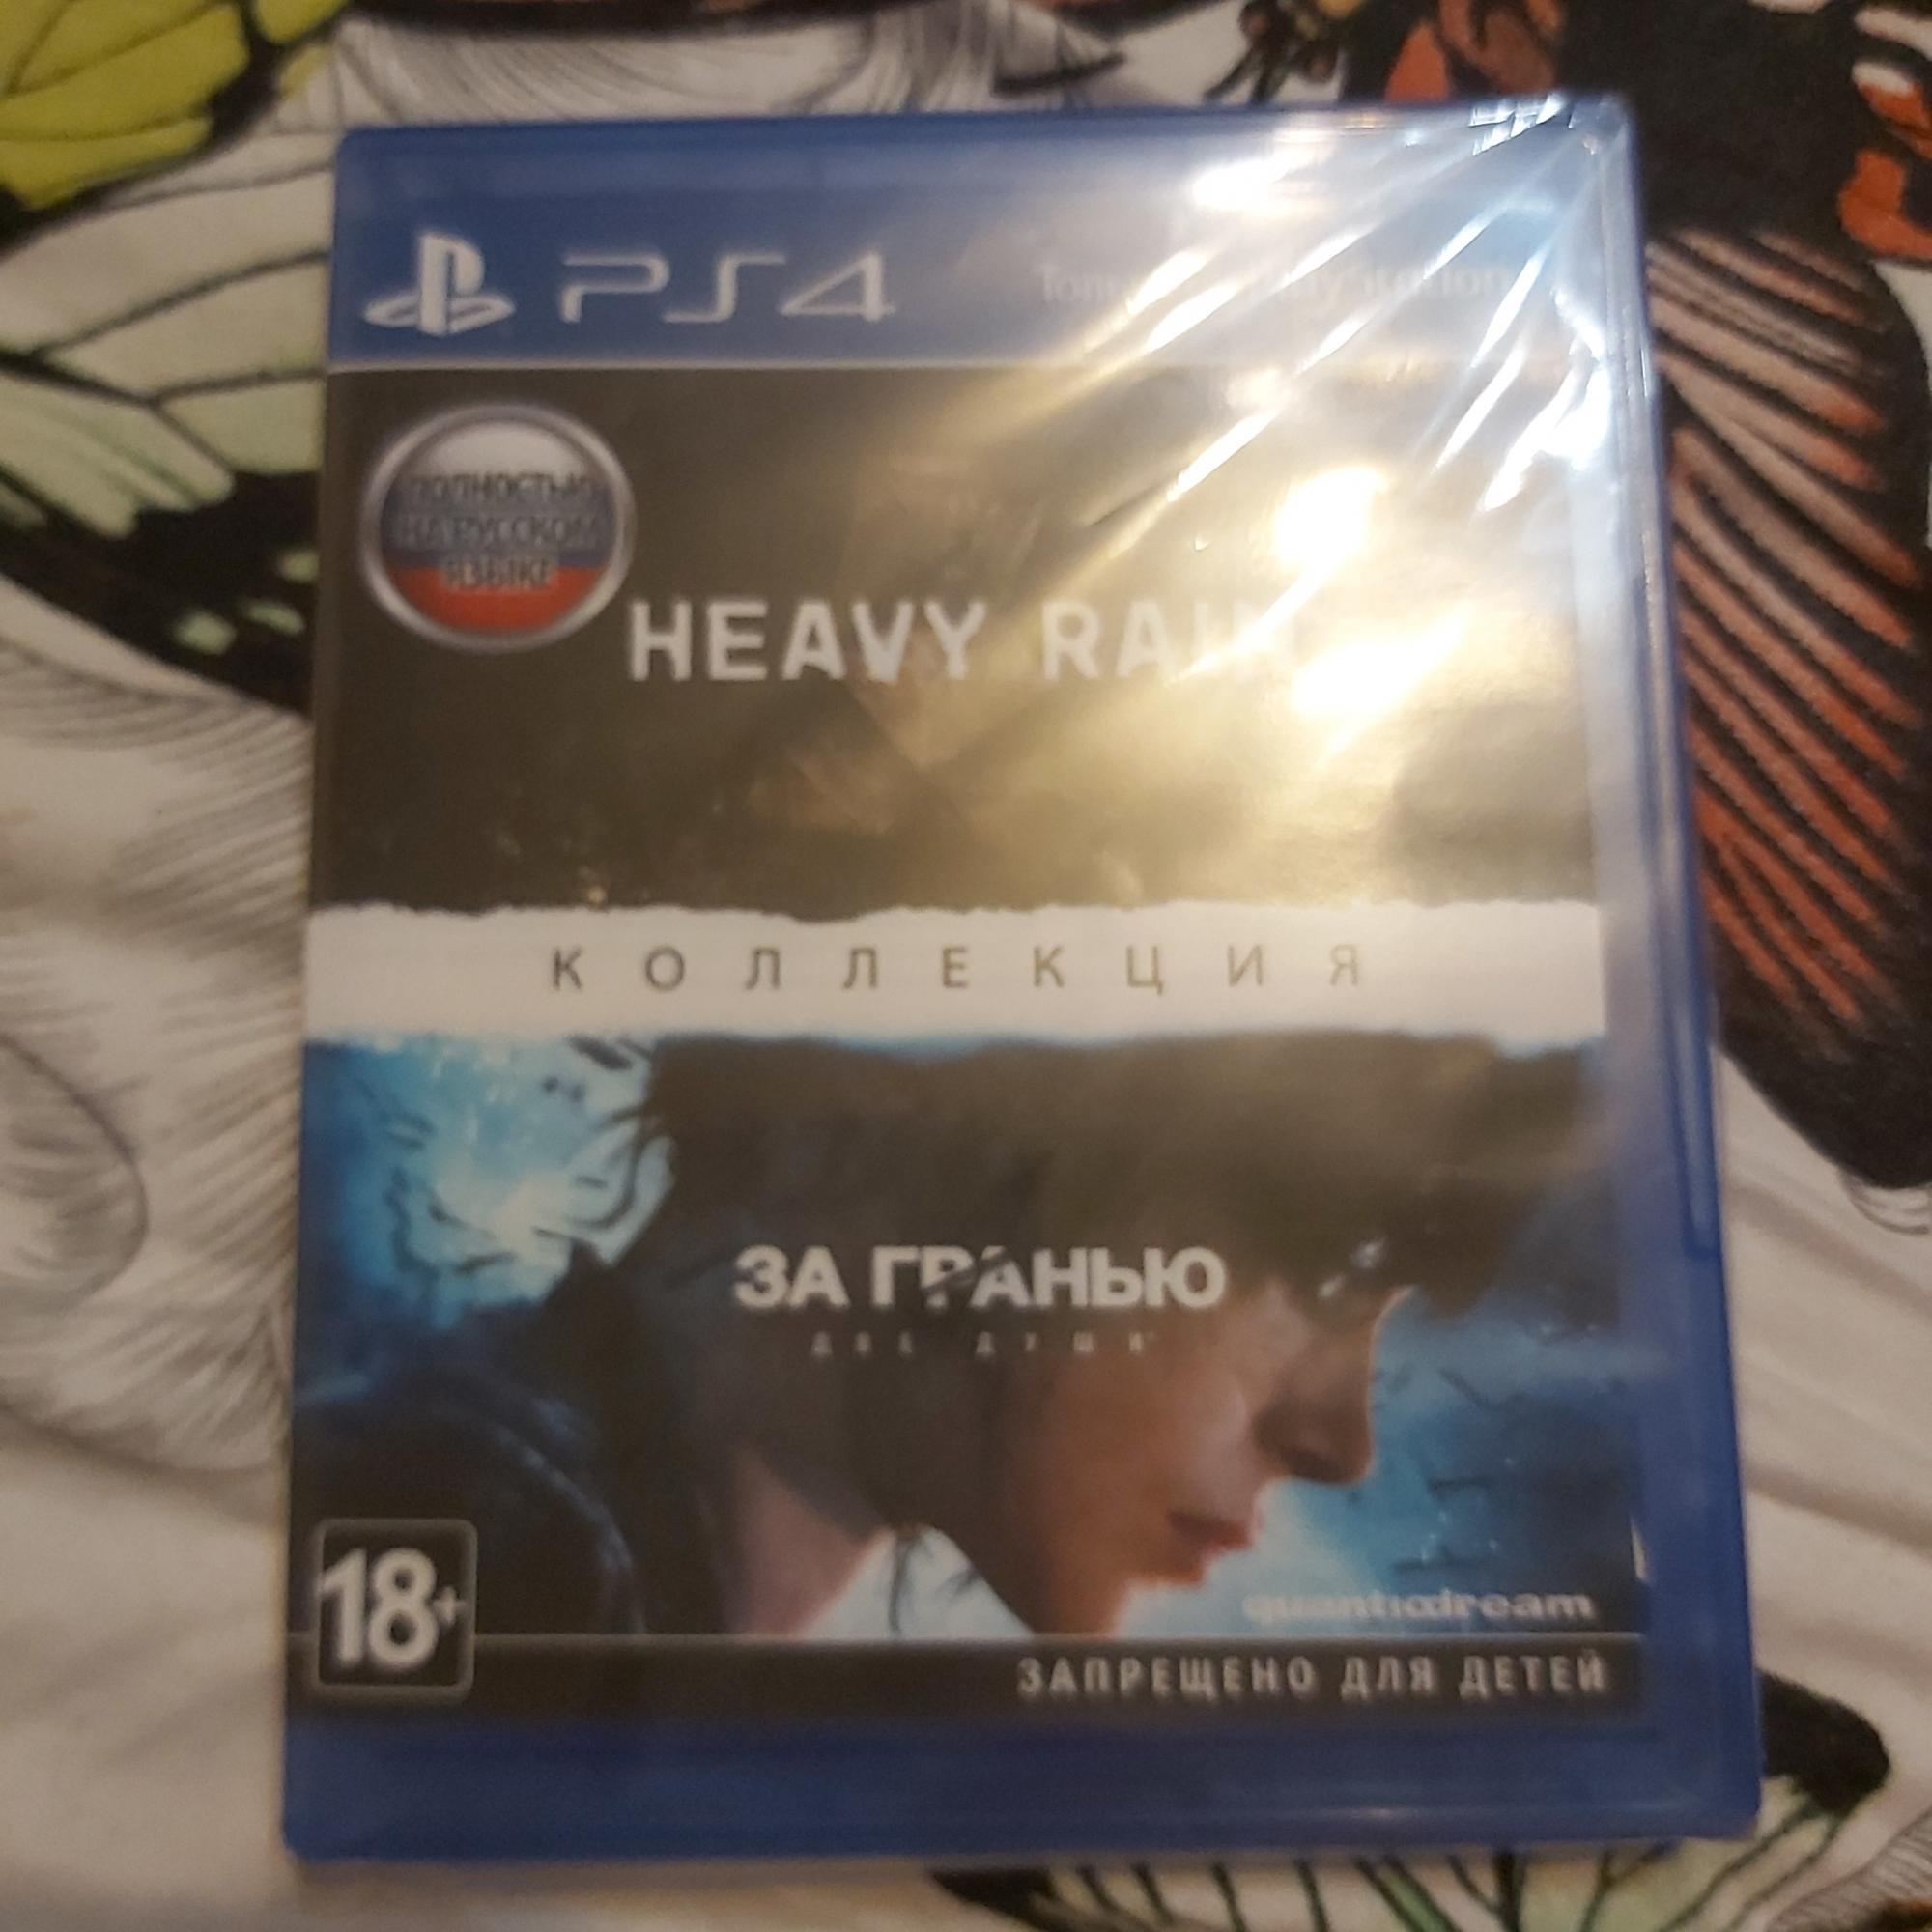 Коллекция Heavy Rain и За гранью: Две души PS4 в Москве 89035822534 купить 2